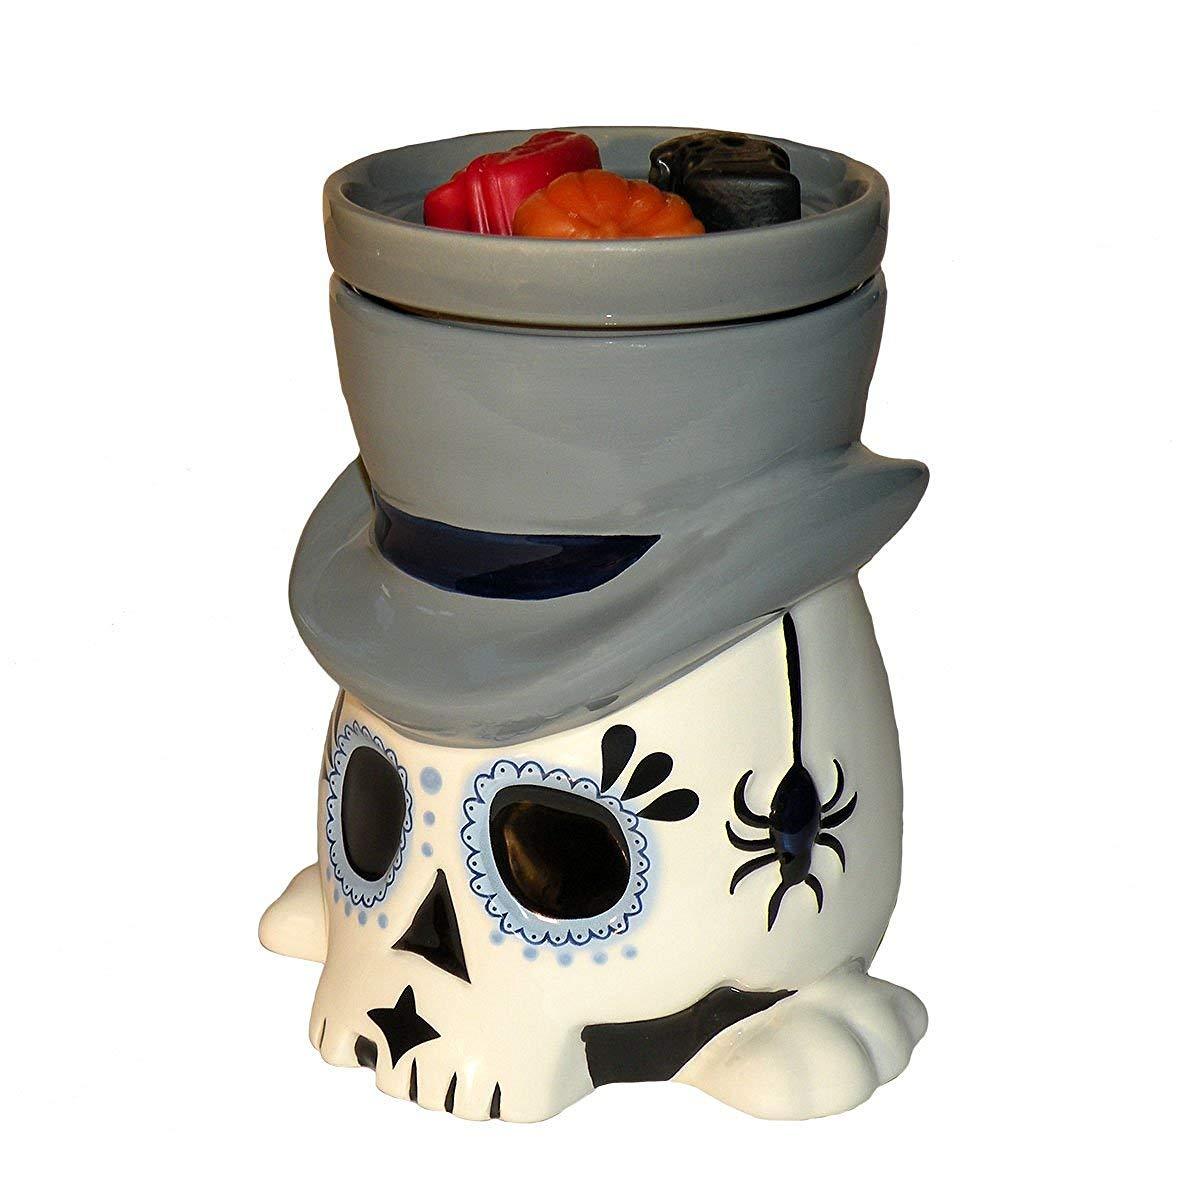 Day of the Dead (Día de los Muertos) Sugar Skull Undertaker - Horror Style Wax Warmer by HalloweenForevermore.com